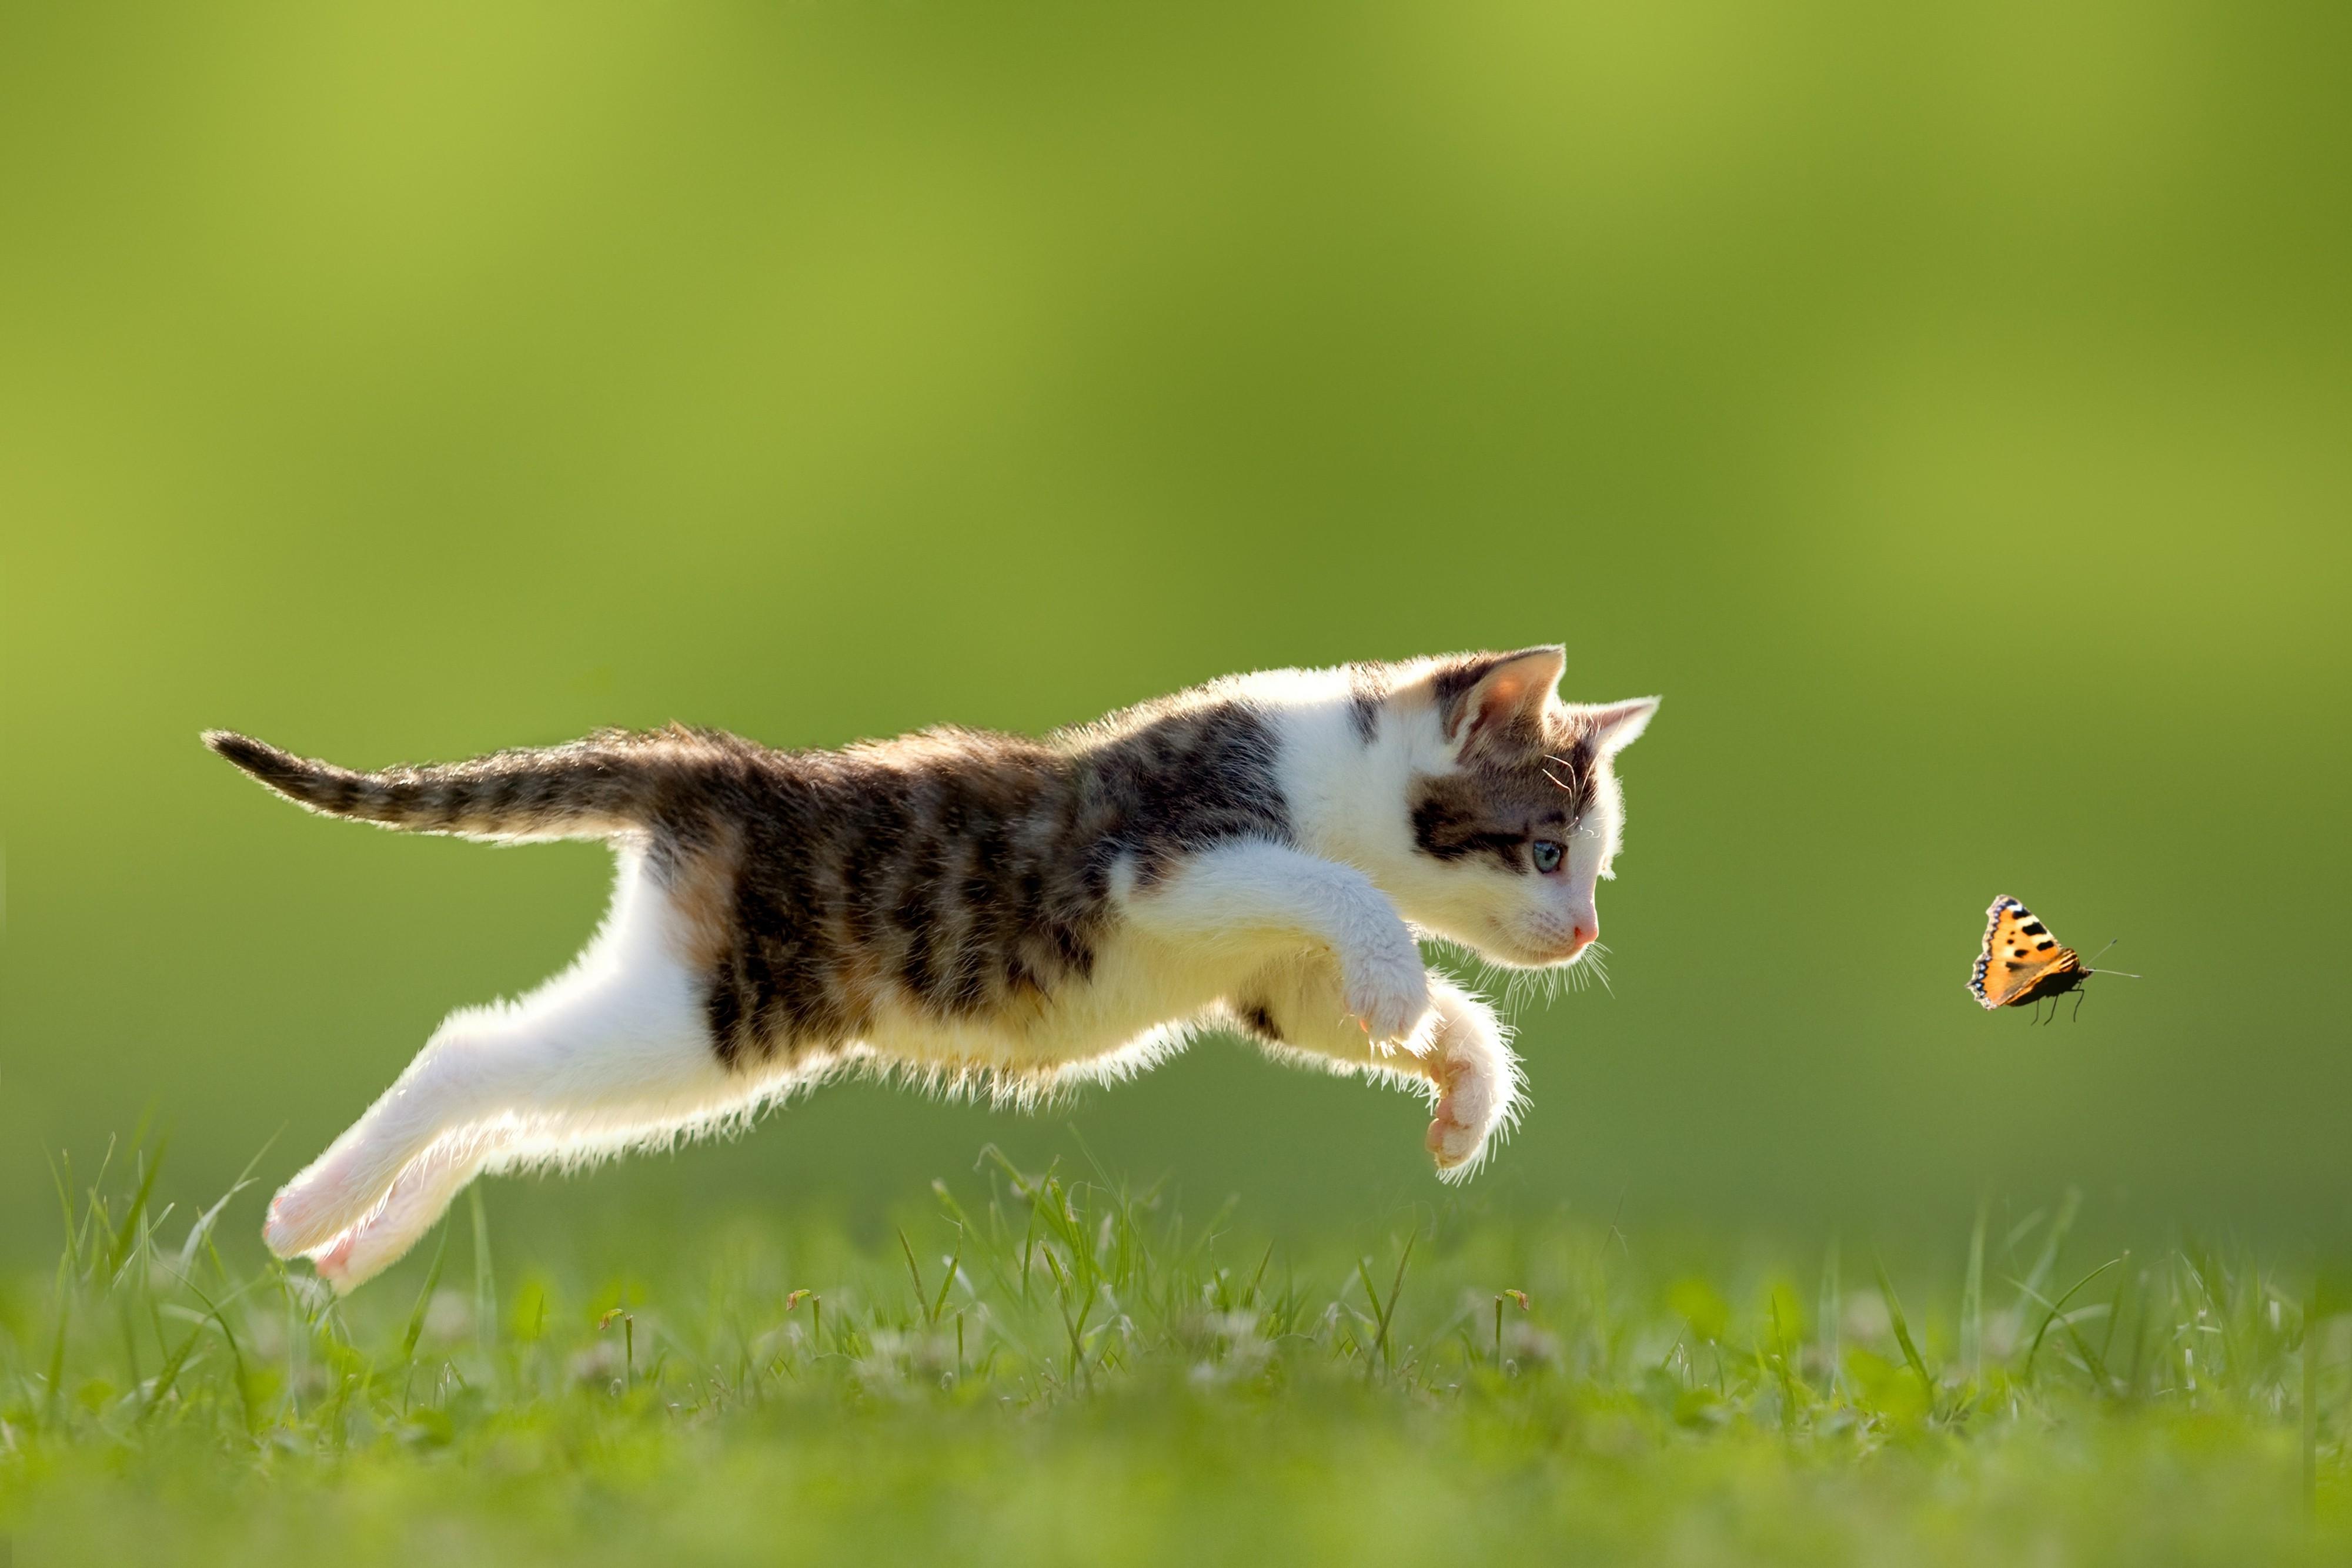 Best Wallpaper Cat Butterfly - 4000x2667-px-animals-baby-animals-butterfly-cats-depth-of-field-grass-kittens-nature-running-750255  2018_194758 .jpg